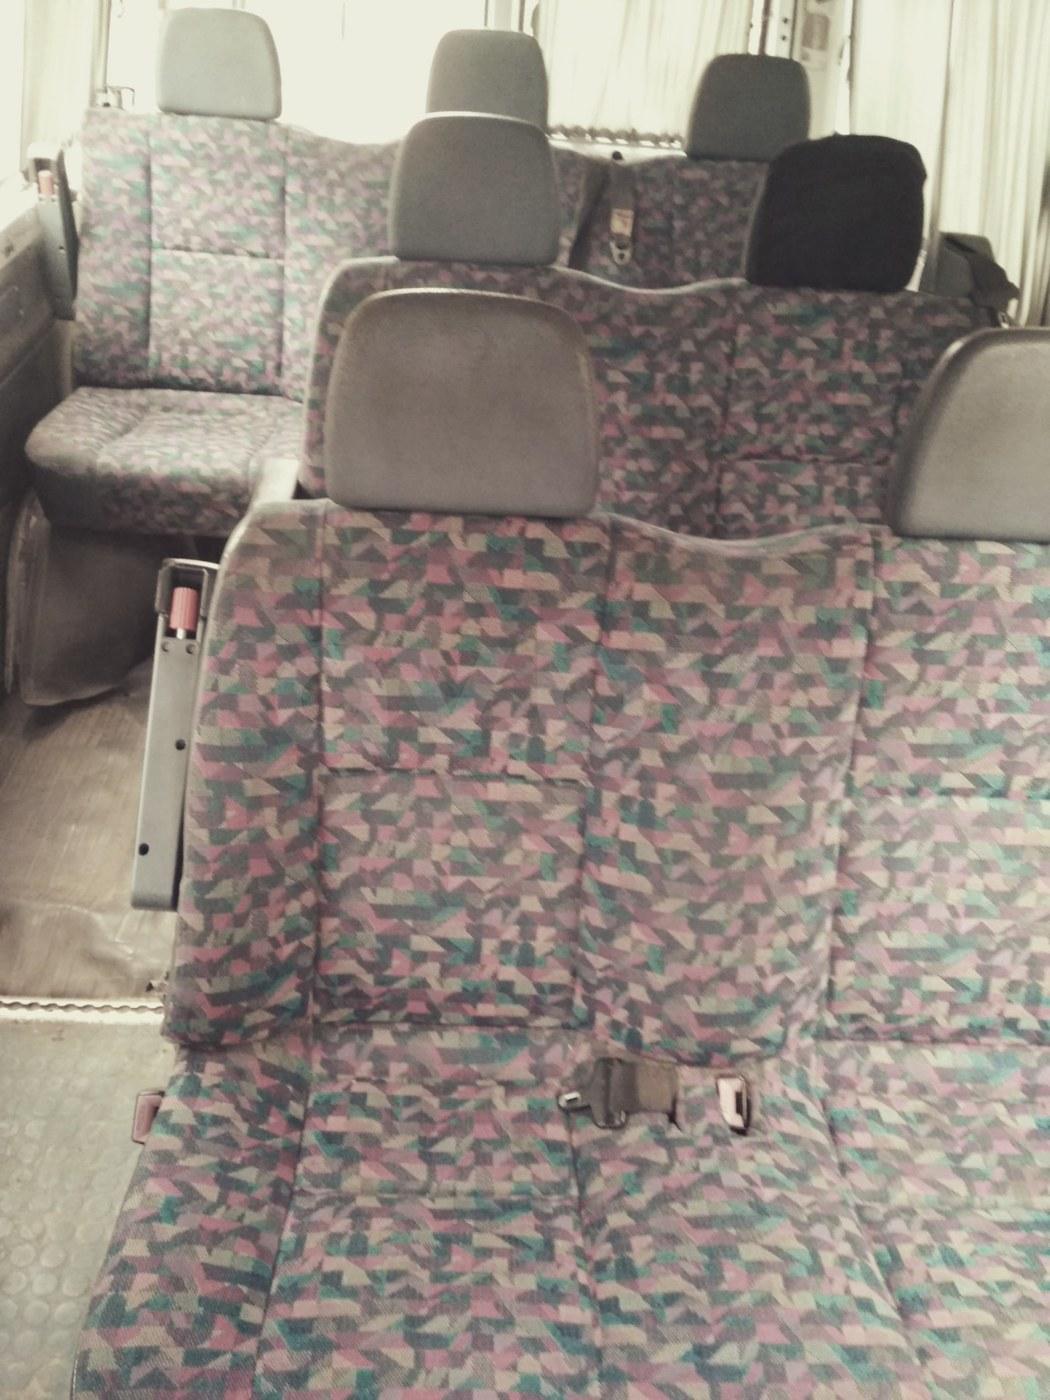 Mercedes-Benz Sprinter 208D, 1995 г.